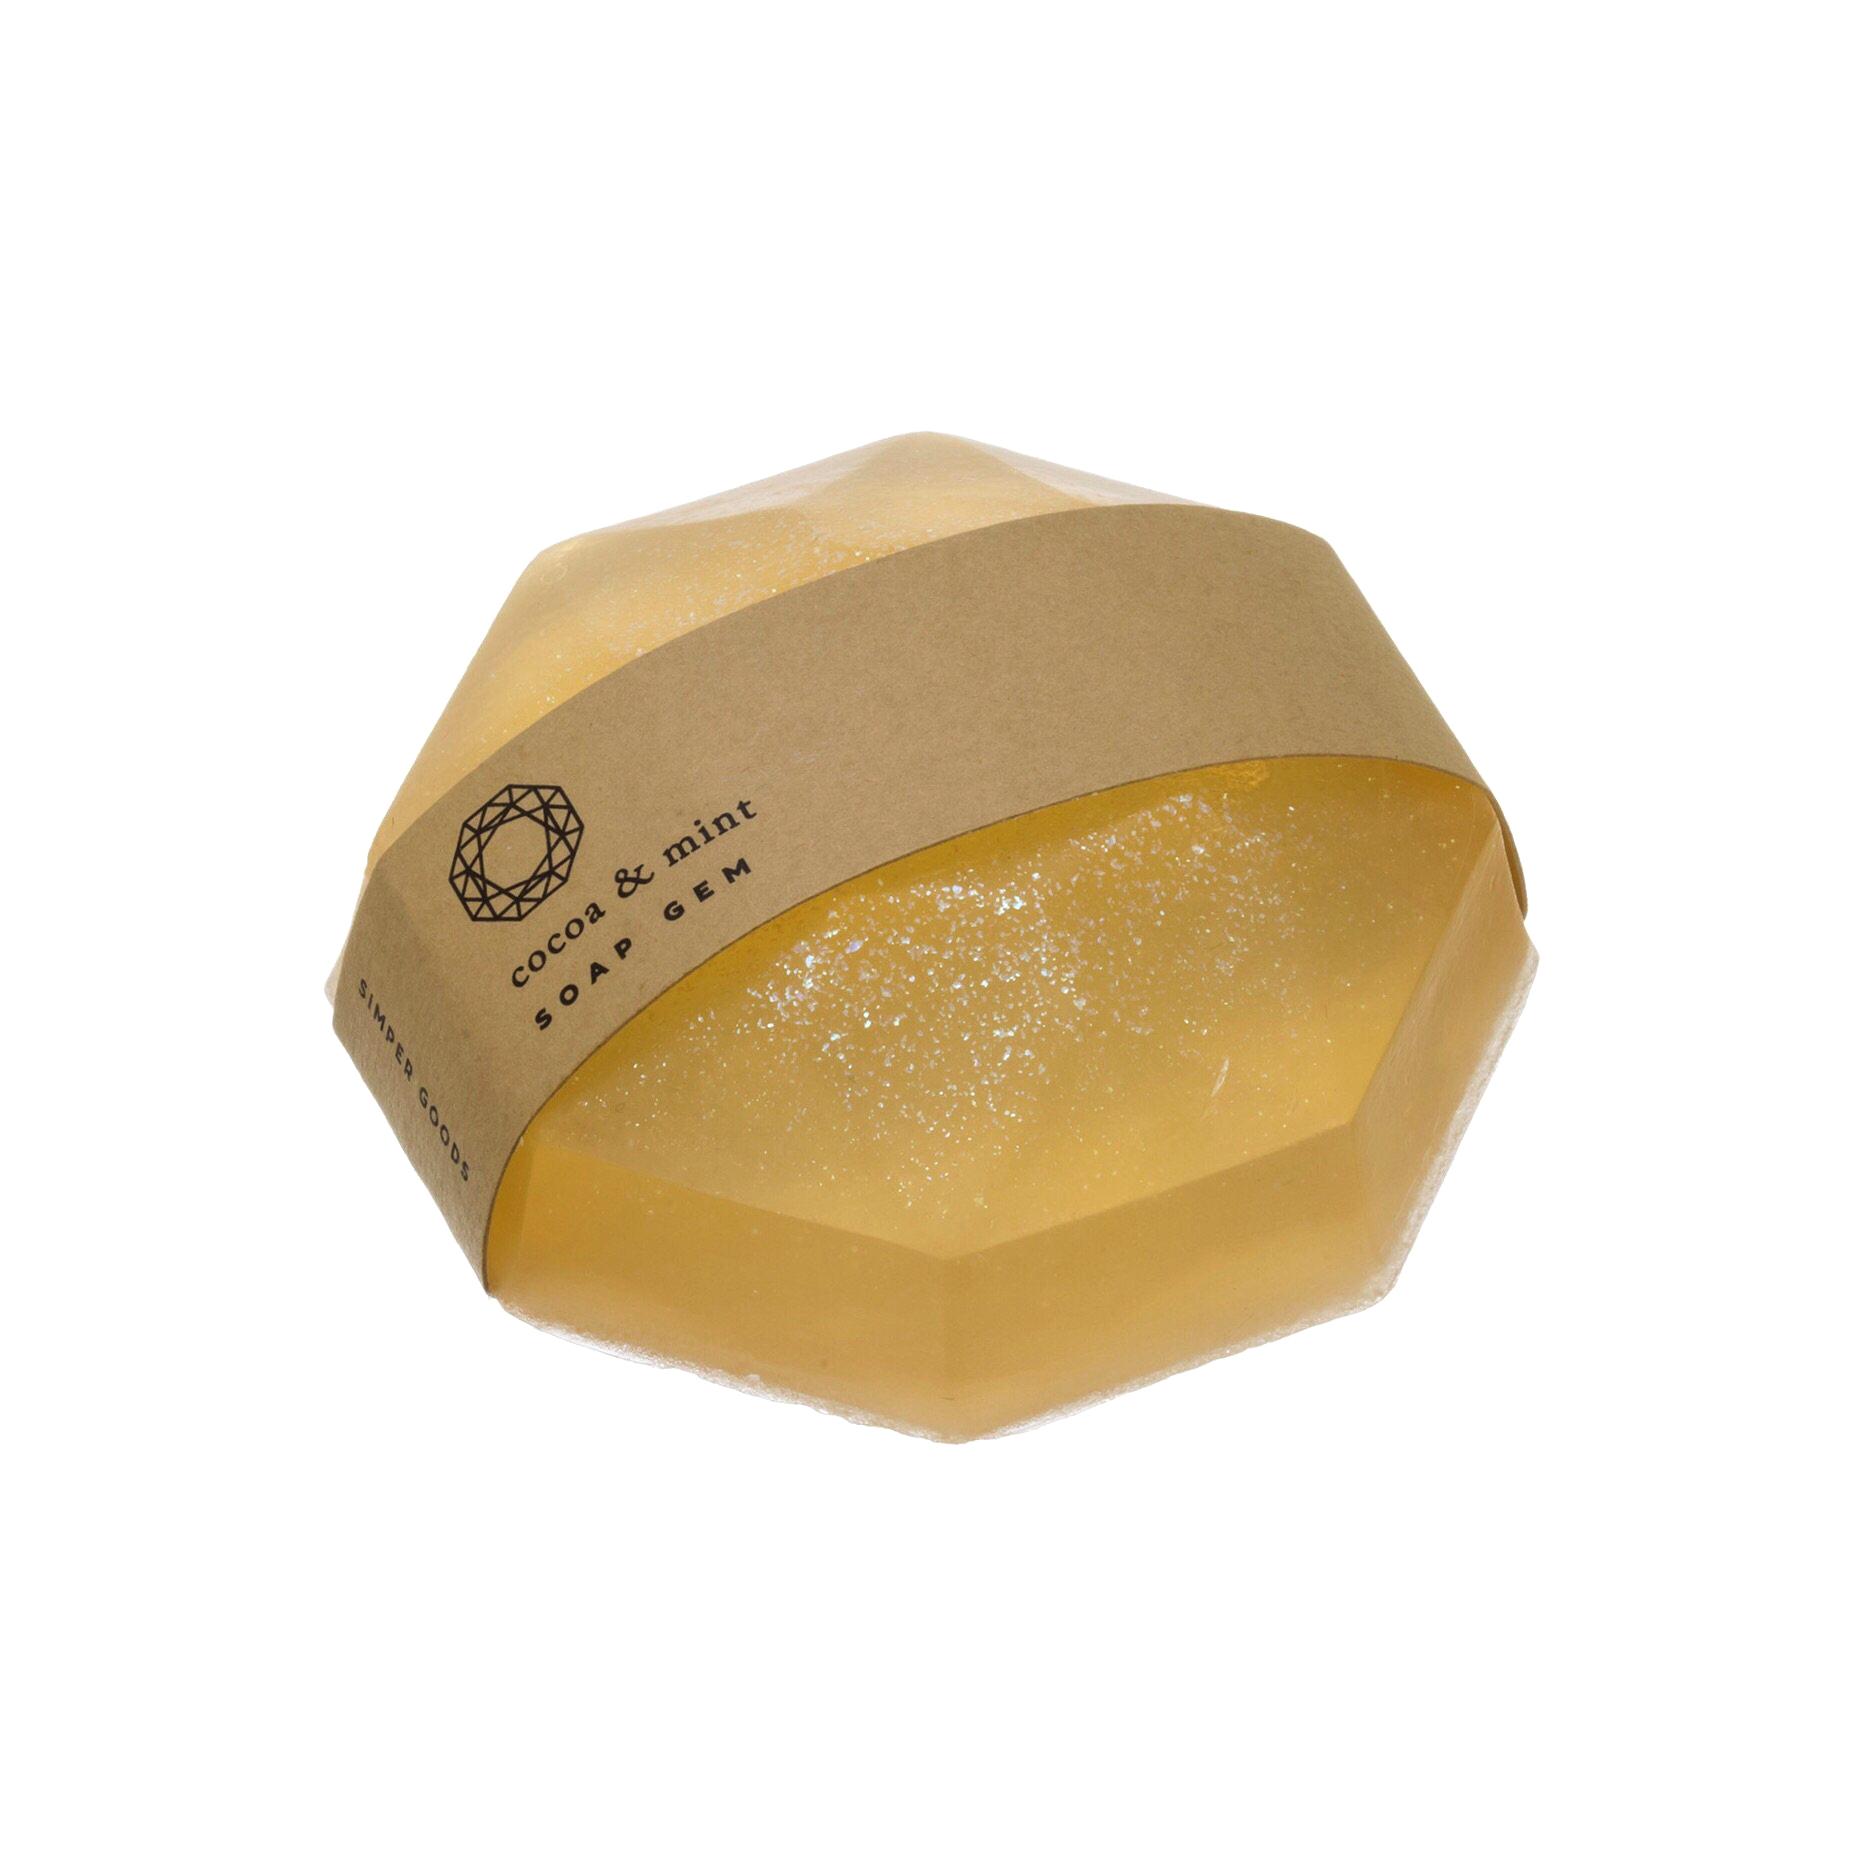 hostess gift guide gem bar of soap